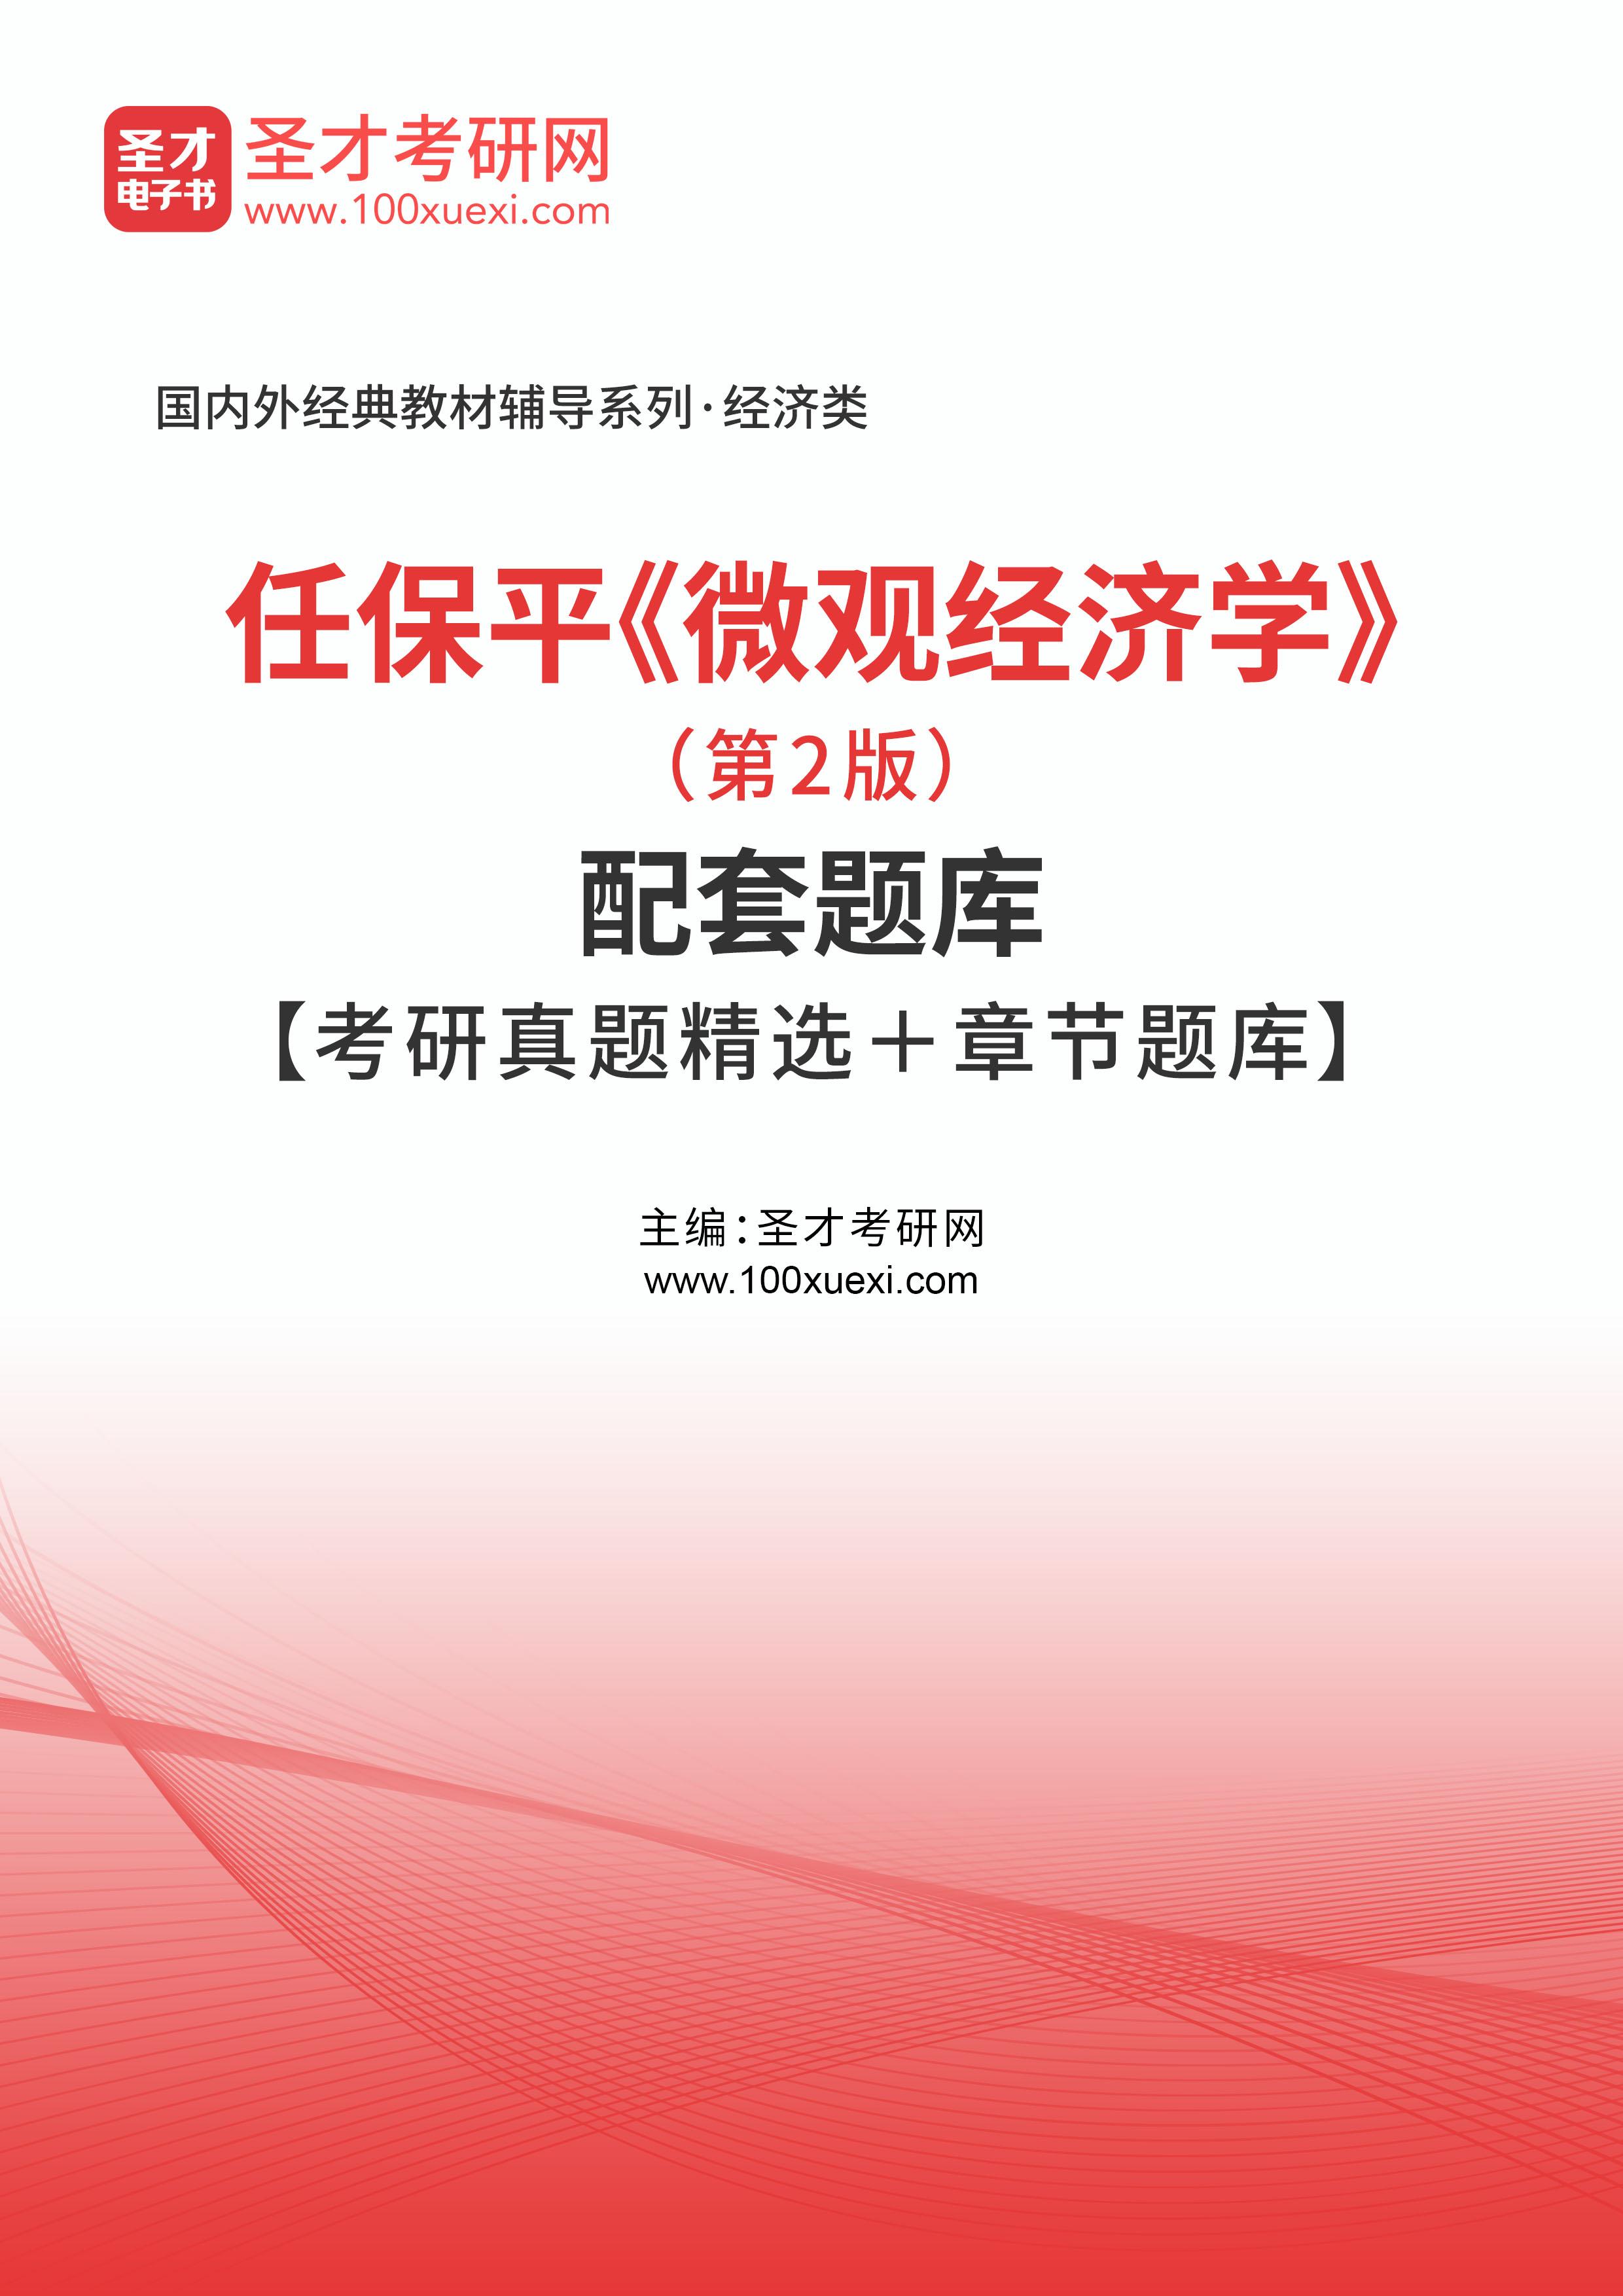 任保平《微观经济学》(第2版)配套题库【考研真题精选+章节题库】